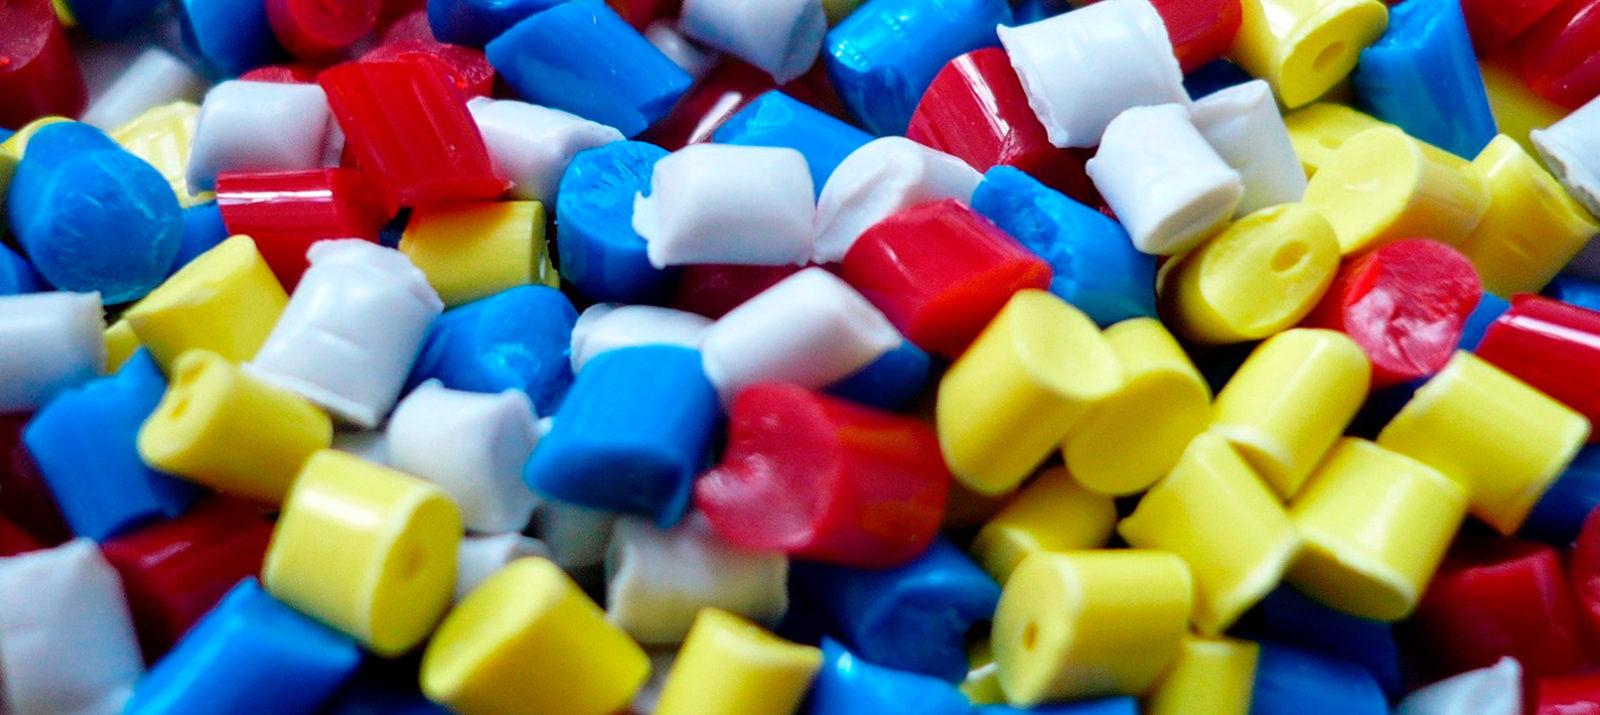 Voltoplast Reciclagem - ABOUT VOLTOPLAST